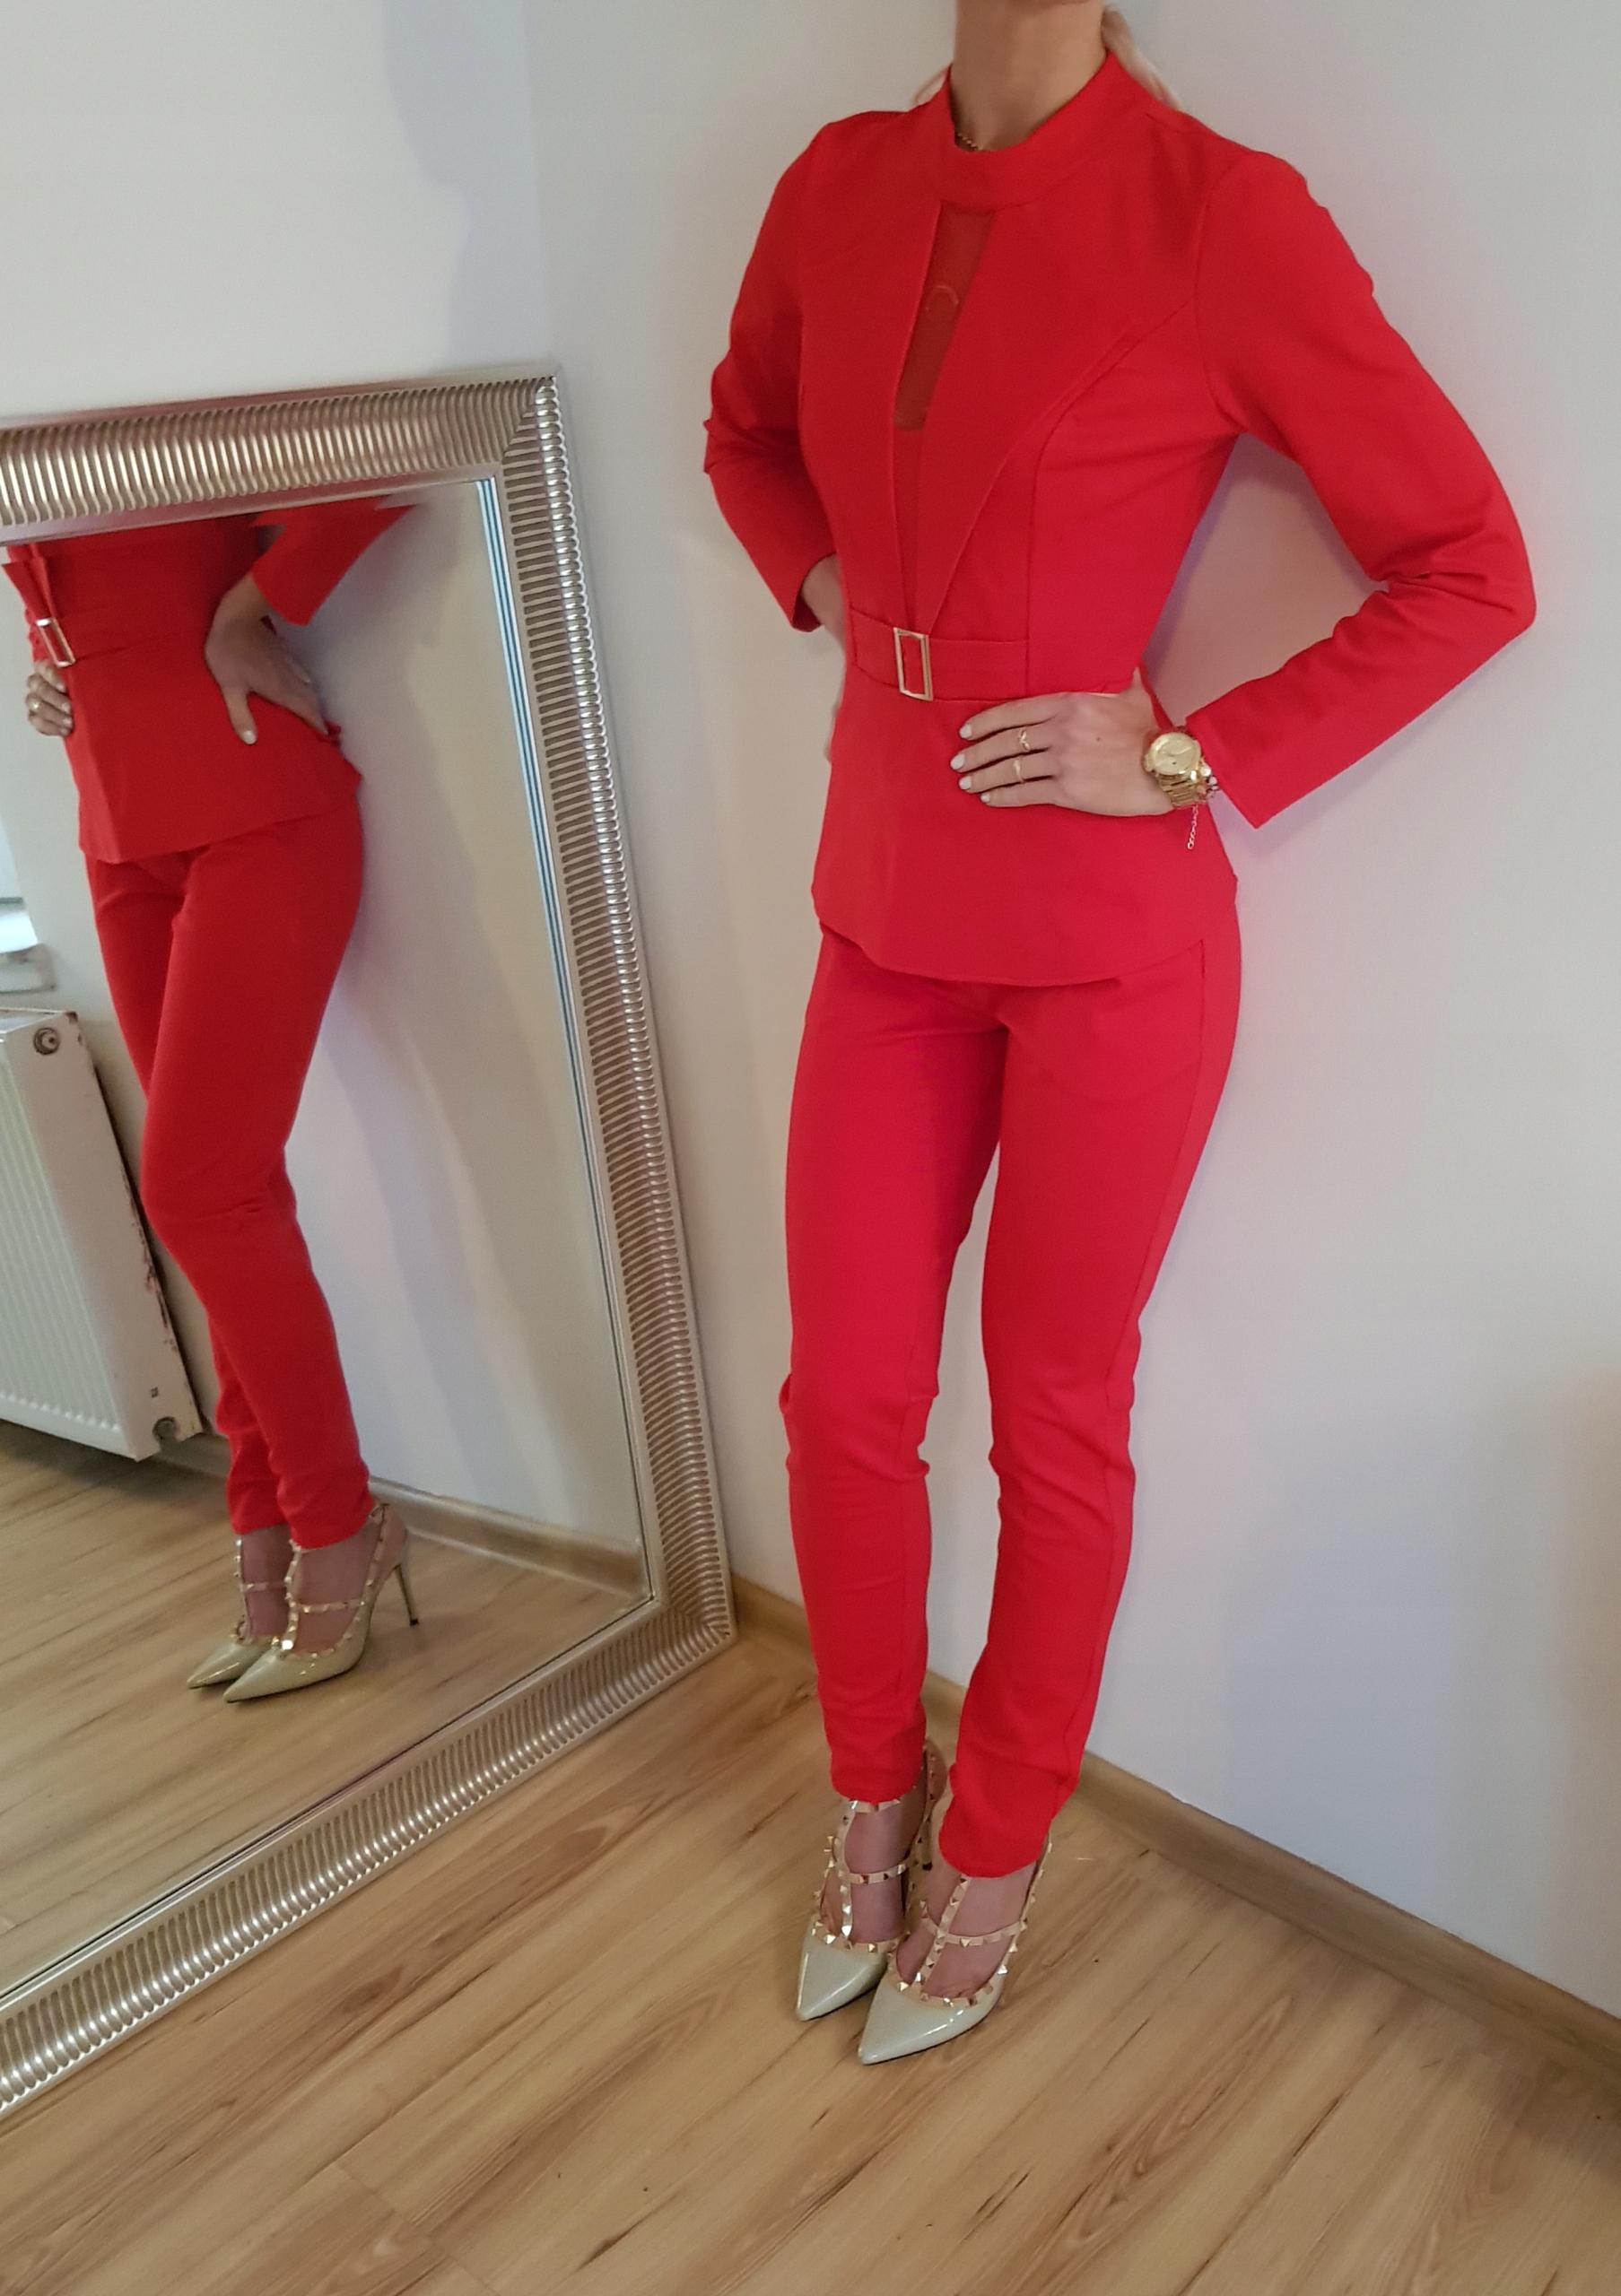 c97f1437b4 Czerwony kostium dwuczęściowy Garnitur damski. 3 - 7692633304 ...